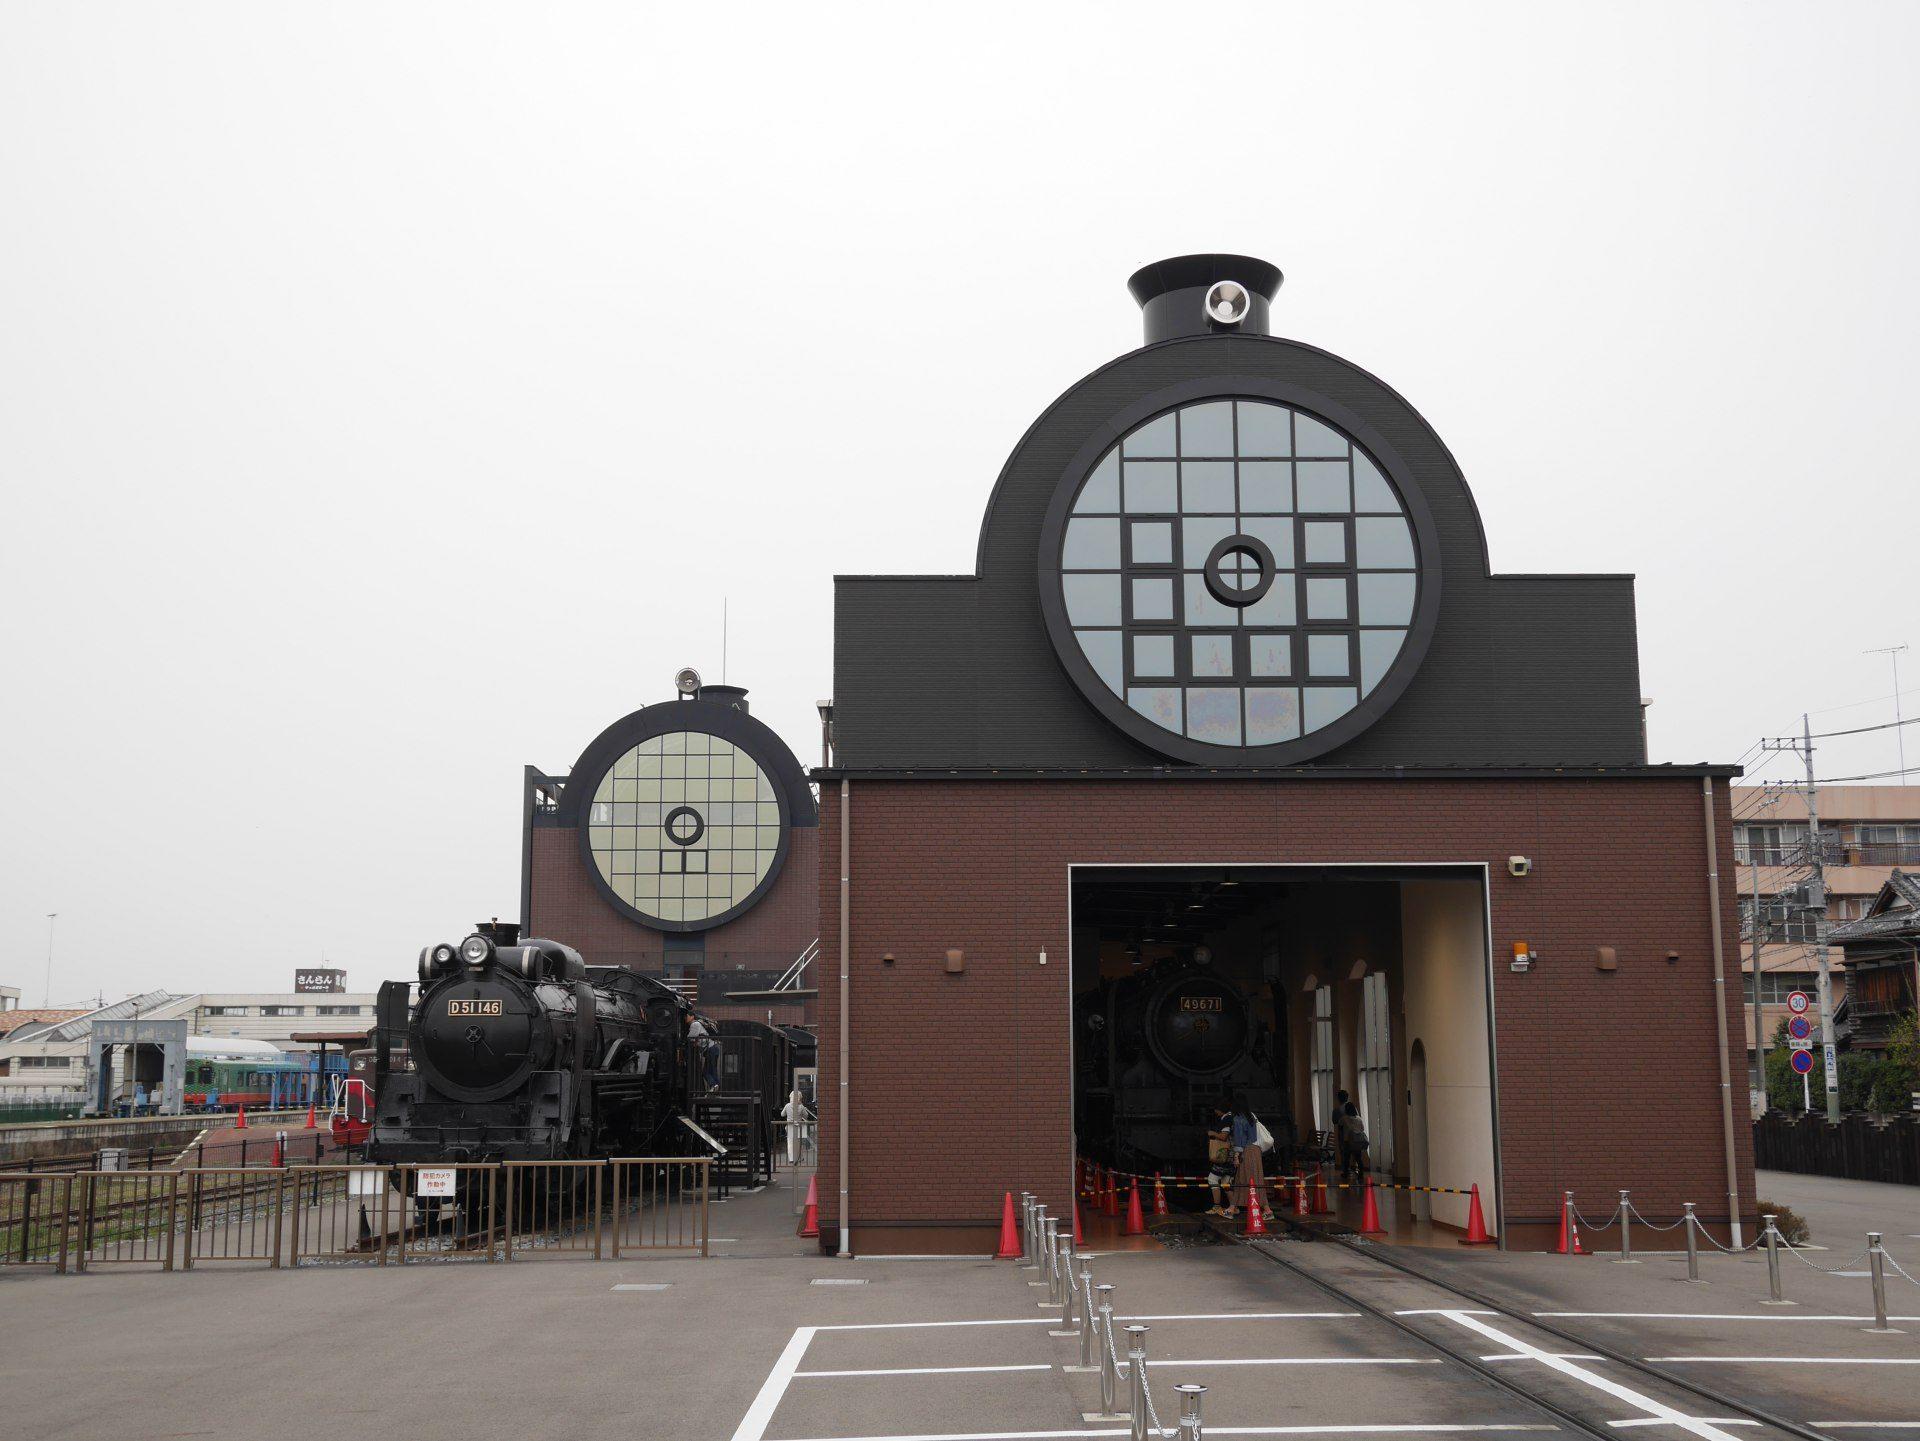 真正的SL真岡車站和仿造SL模樣的真岡車站一起拍照留念